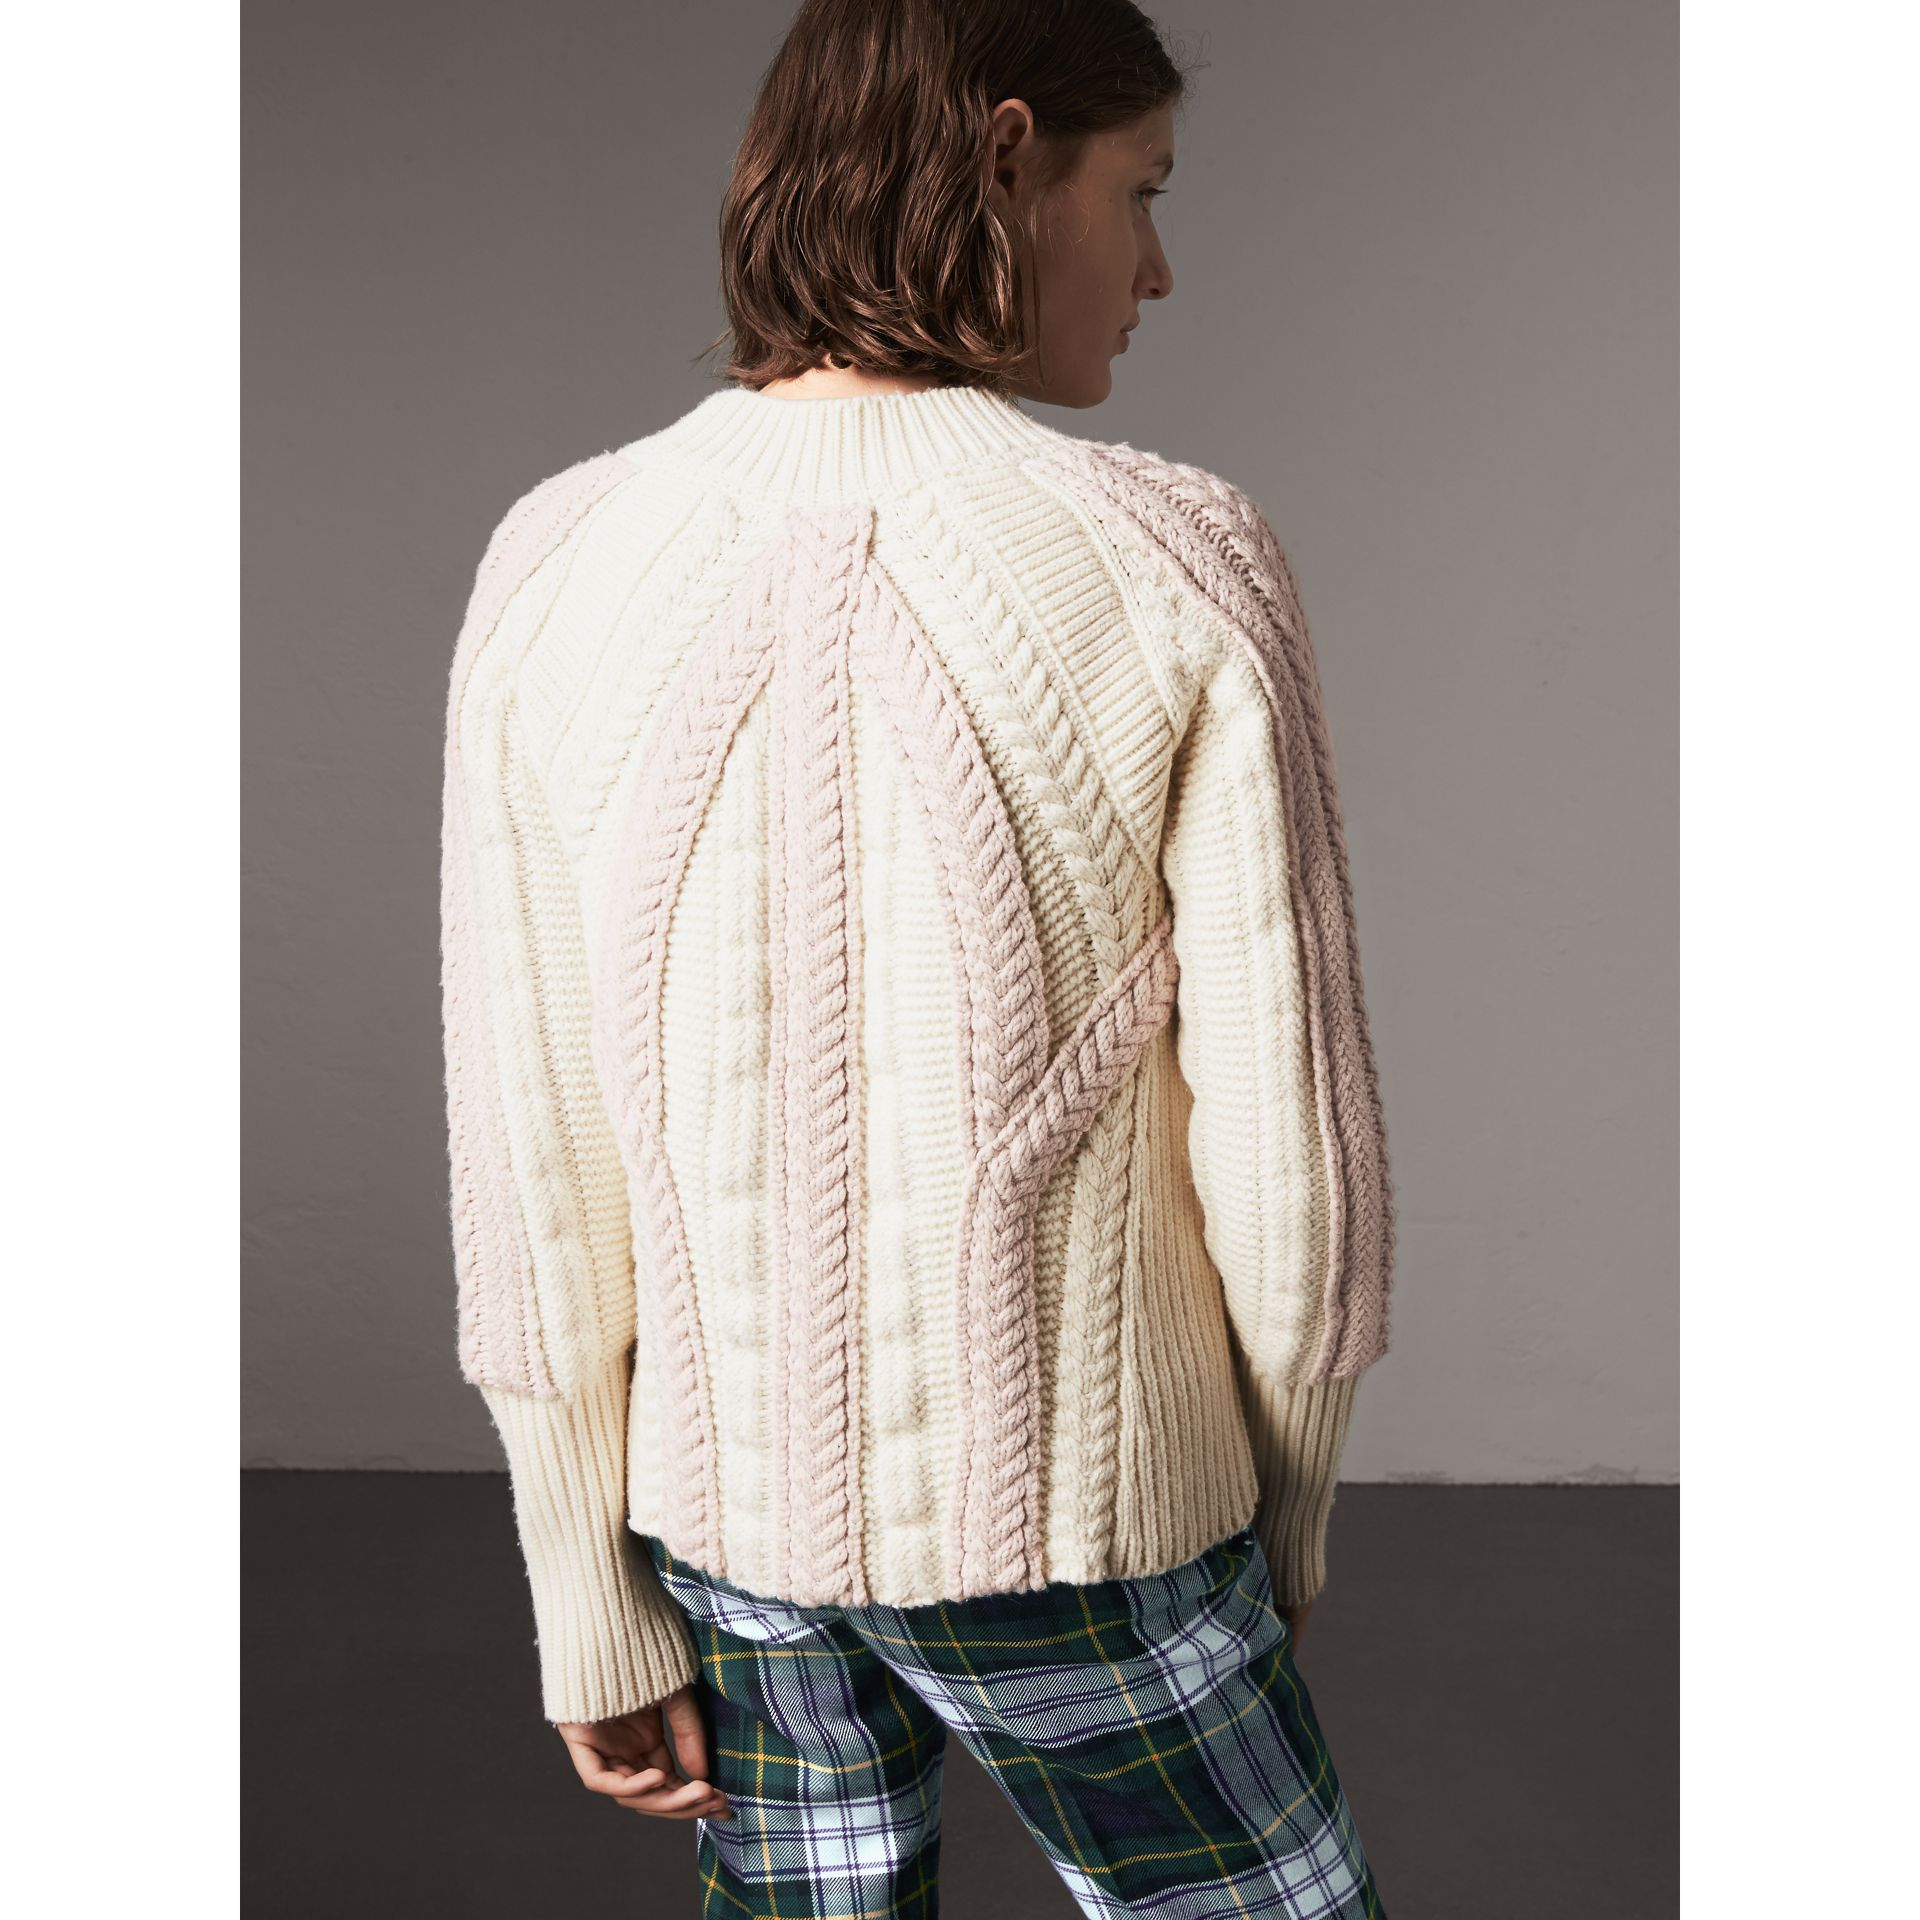 Pullover aus Wolle und Kaschmir in Zweitonoptik mit Zopfmuster (Naturweiss) - Damen | Burberry - Galerie-Bild 3